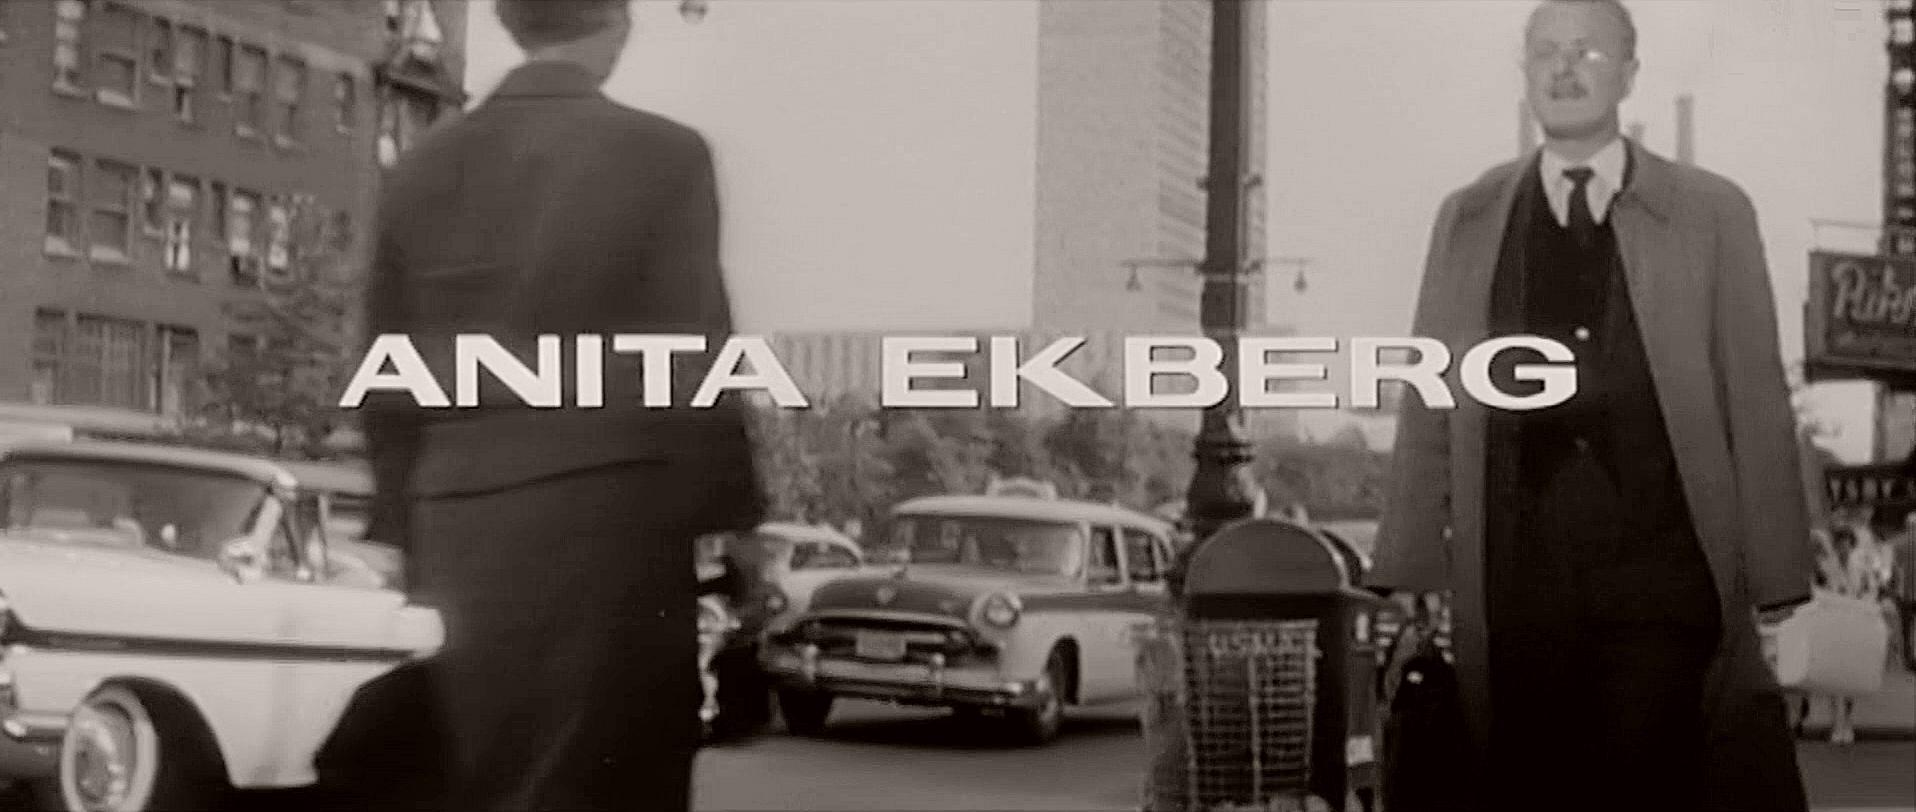 Main title from The Man Inside (1958) (3). Anita Ekberg